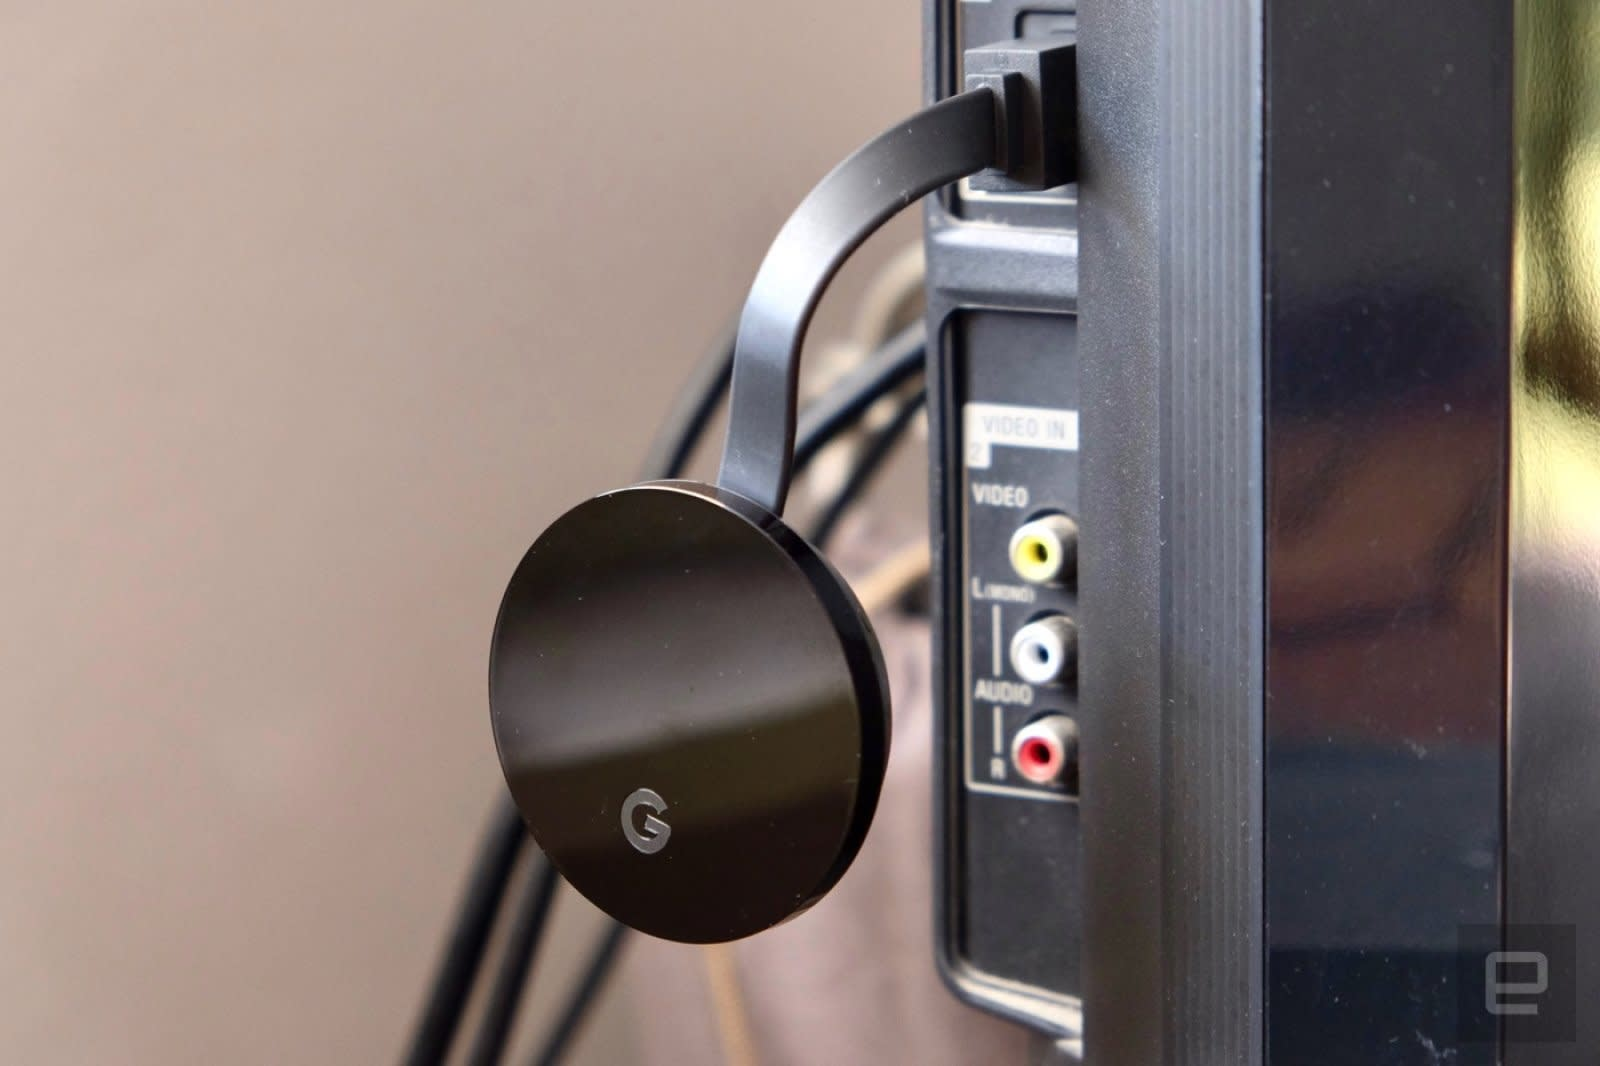 Amazon starts selling chromecast